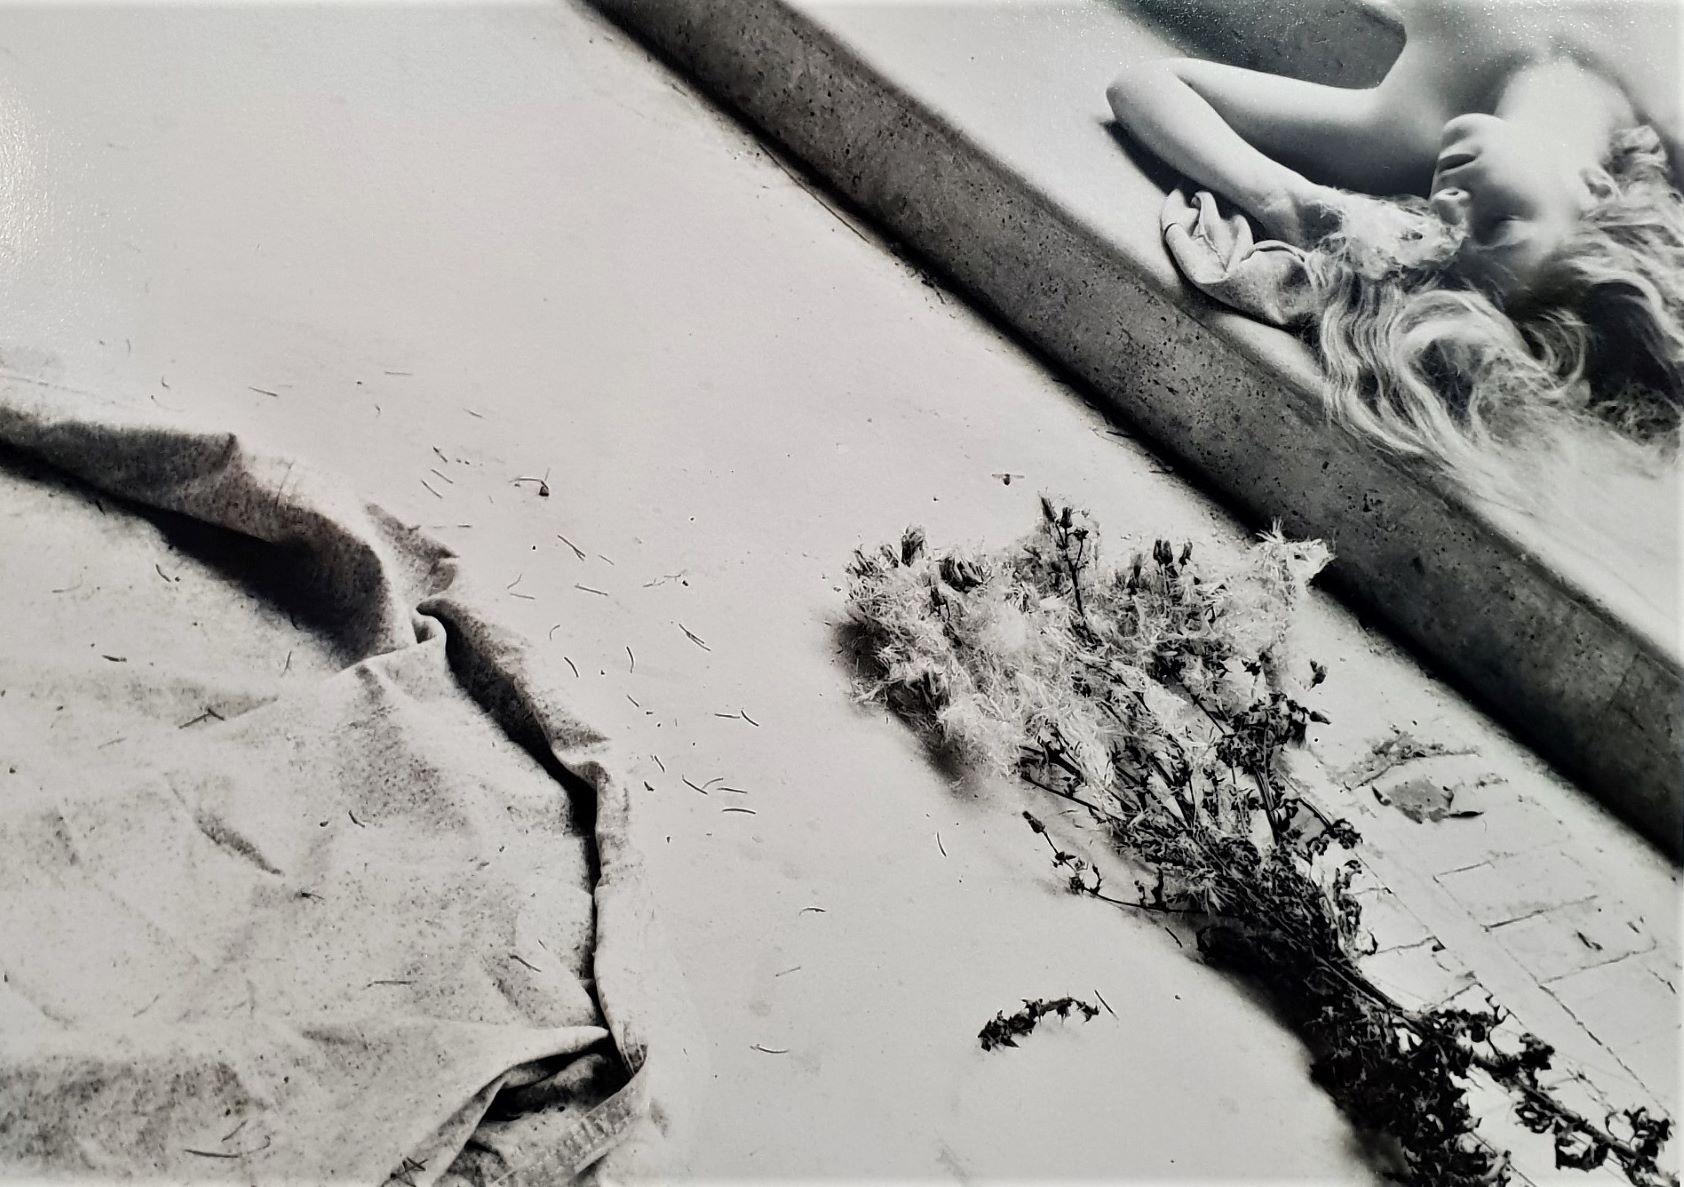 Dettaglio di fotografia di Francesca Woodman da Victoria Miro